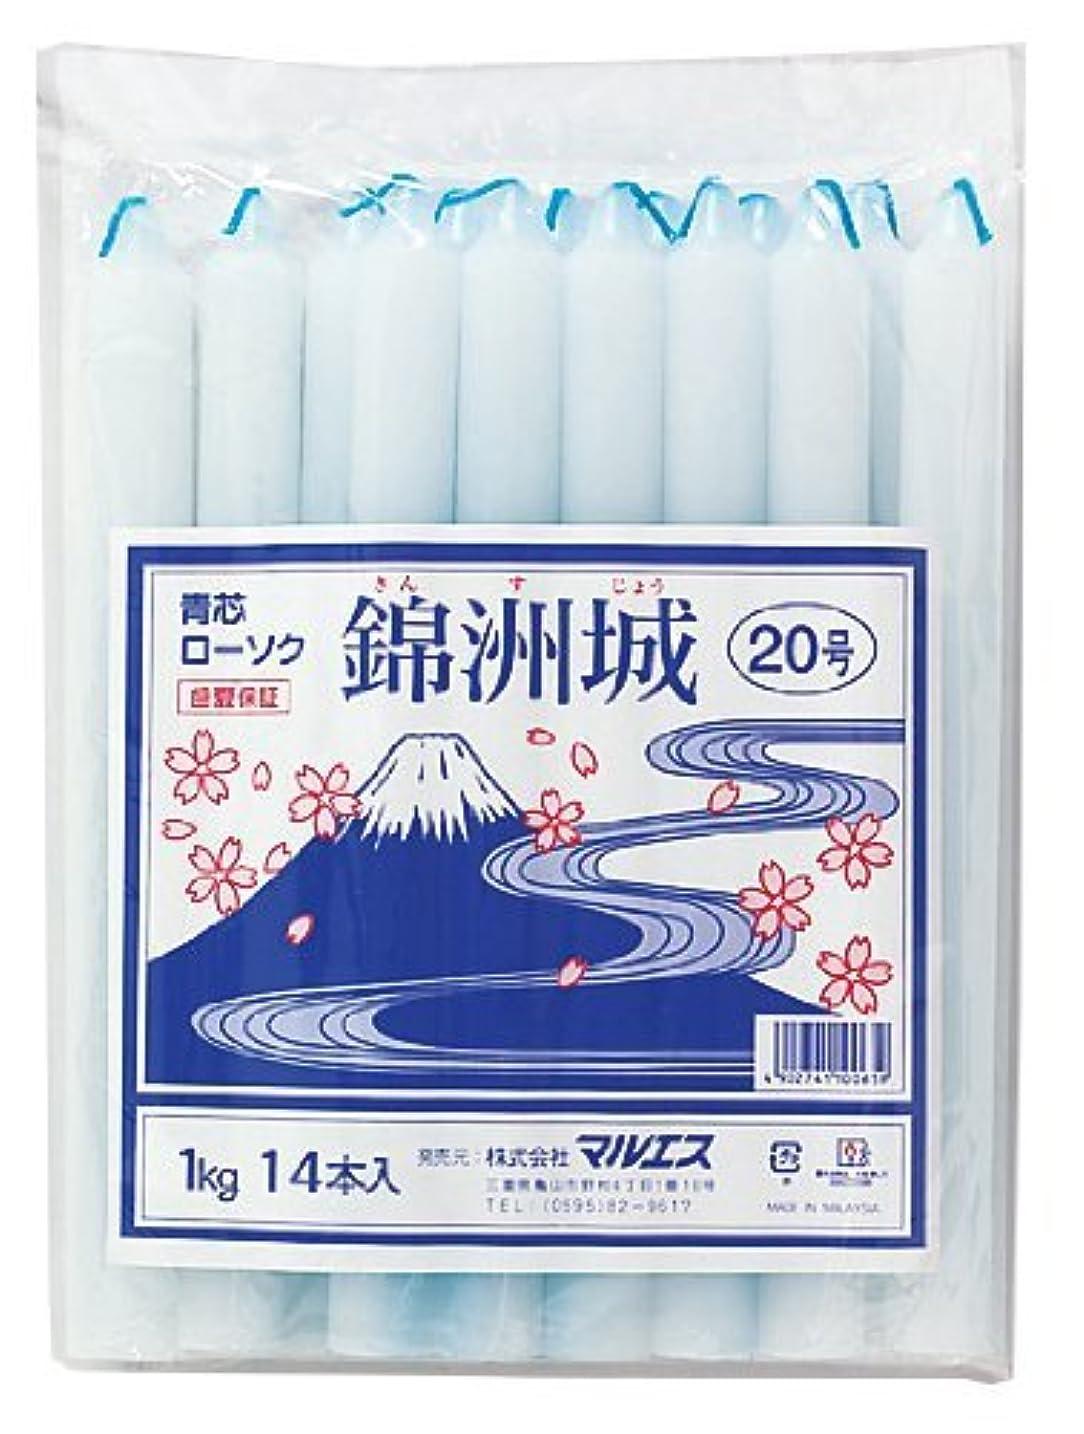 誰も乳剤二度マルエス 錦州城 青芯20号 1kg